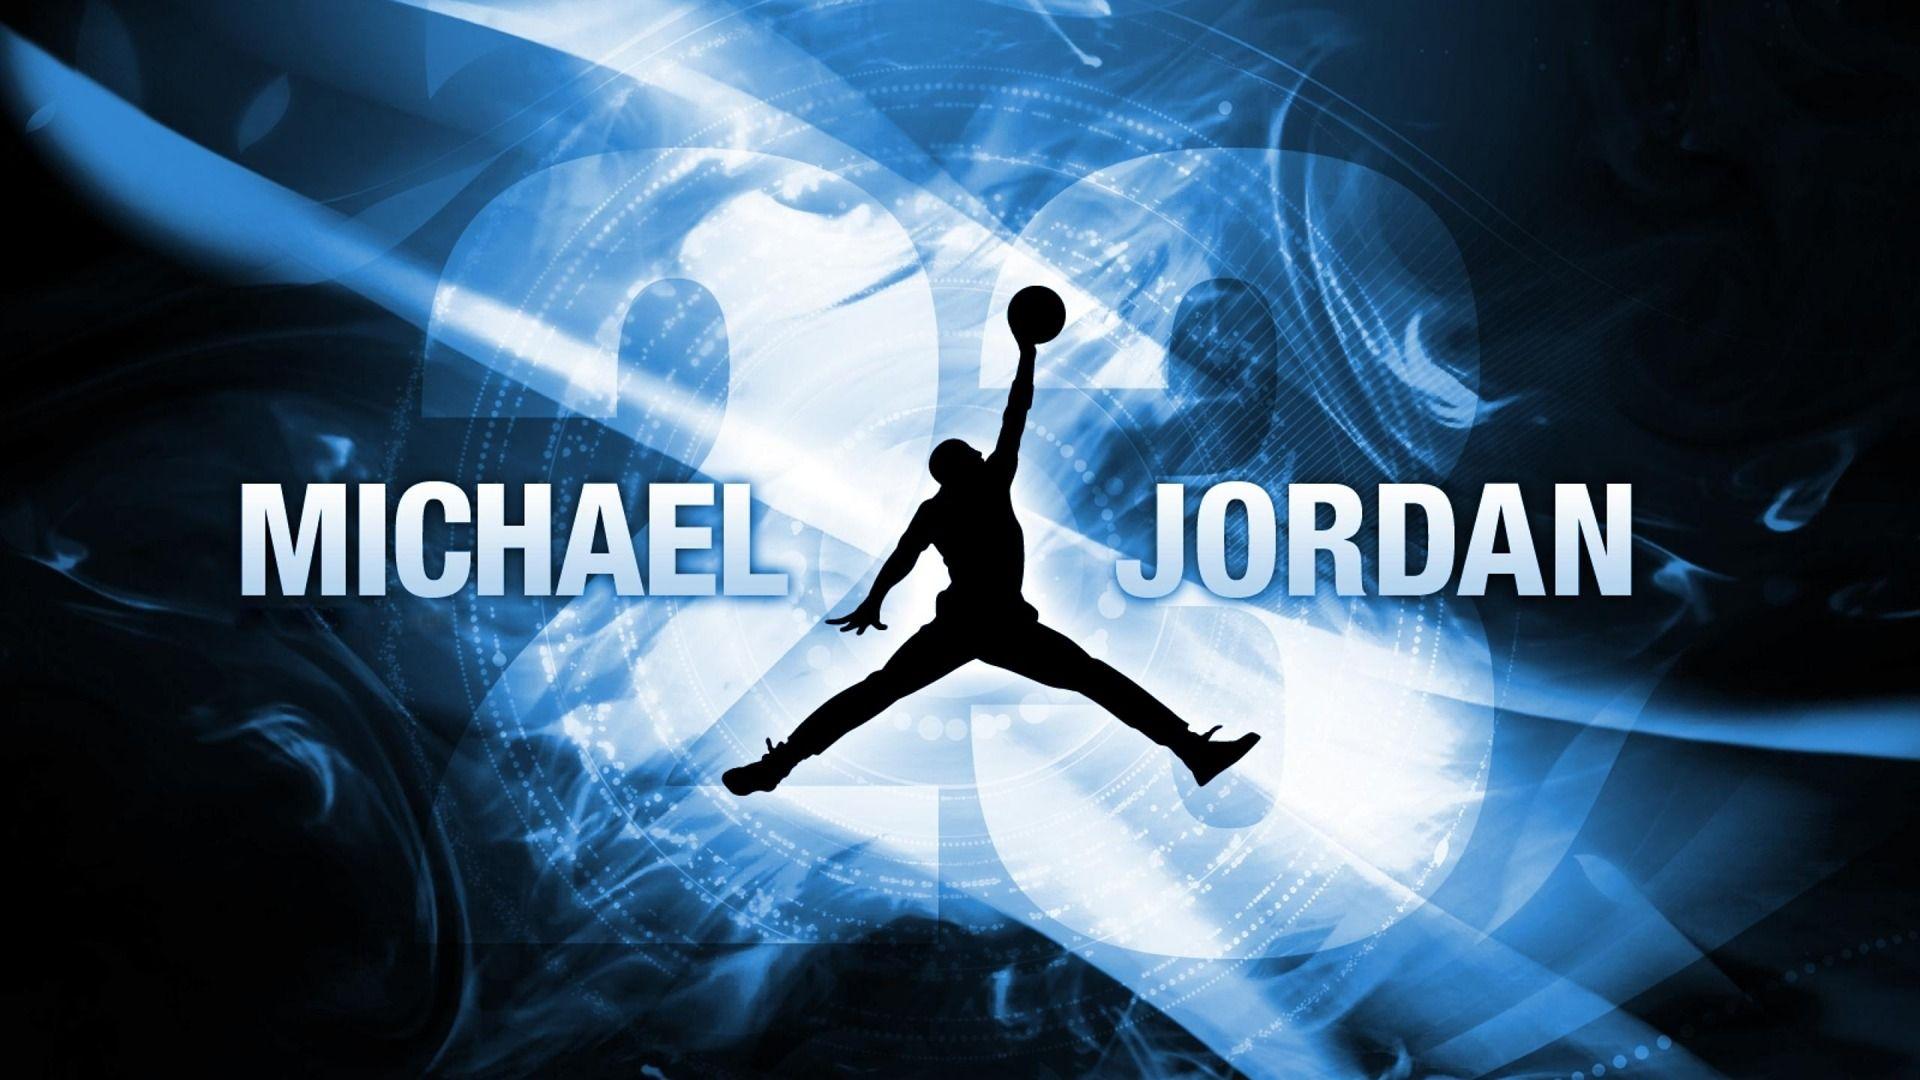 Wallpaper Michael Jordan Logo